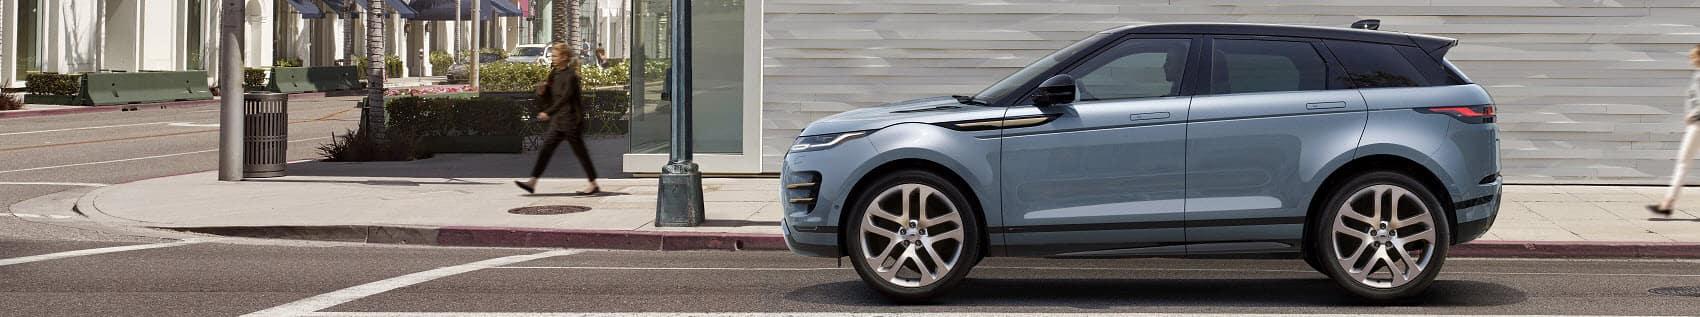 Range Rover Dealer near Somerset NJ